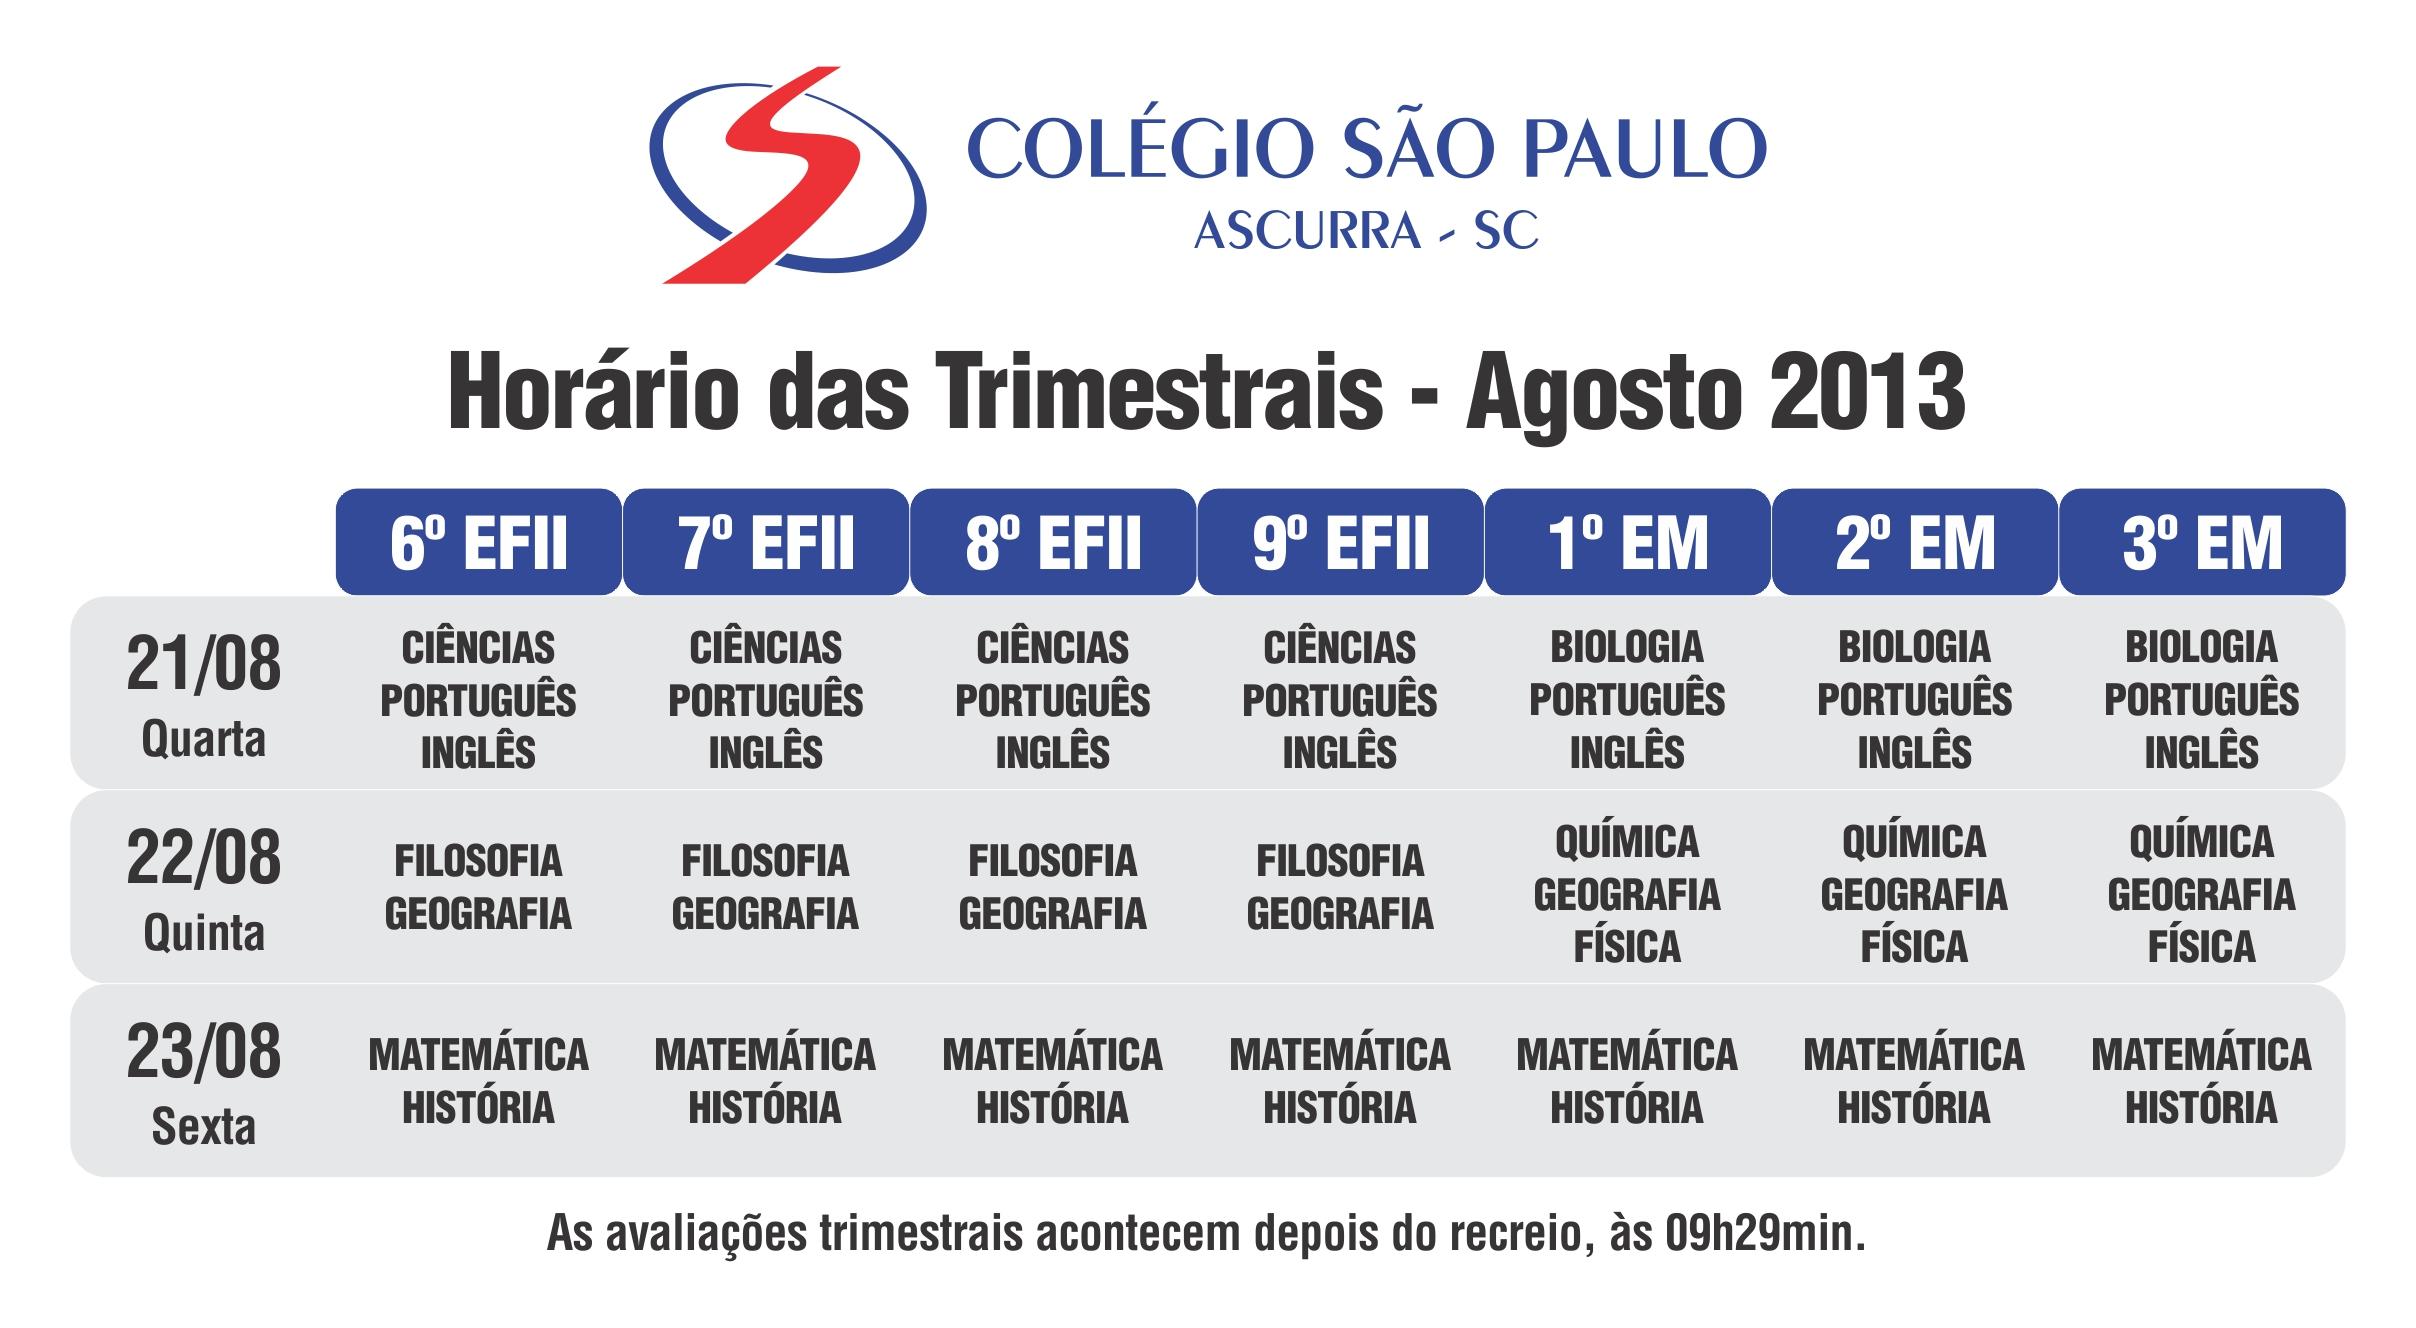 Horario_trimestrais